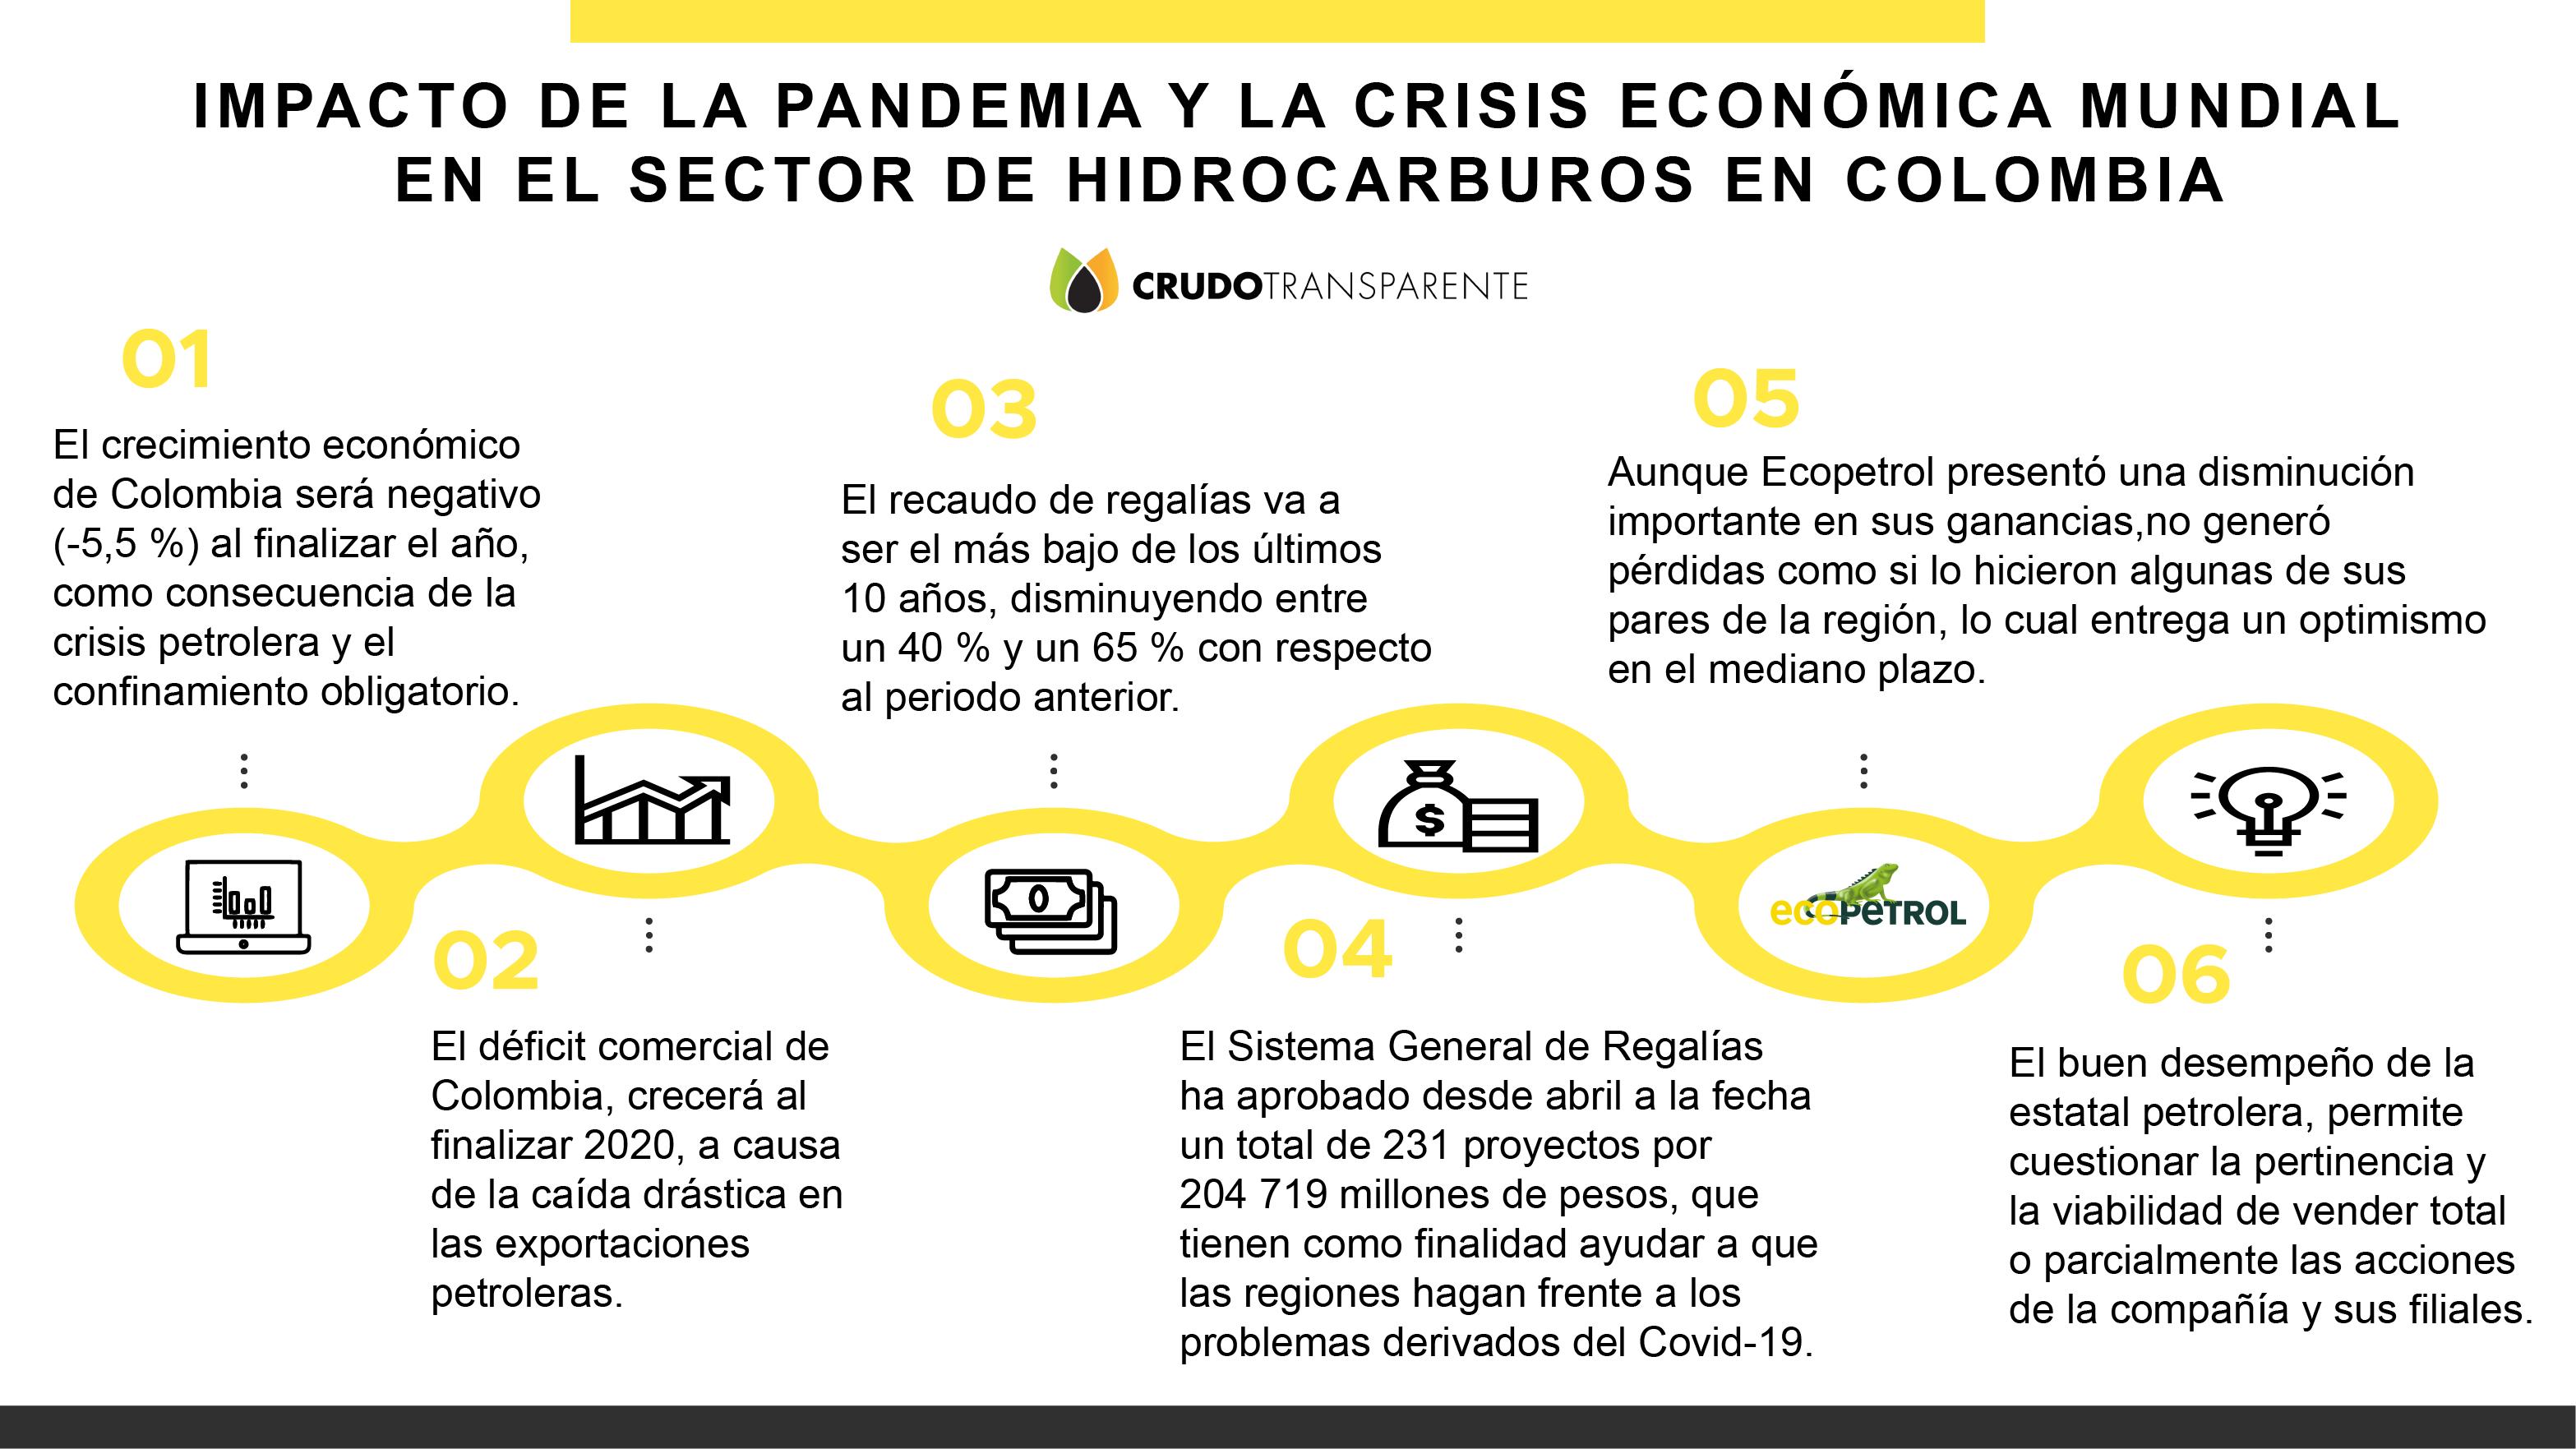 DIAGNÓSTICO DEL IMPACTO DE LA PANDEMIA Y LA CRISIS ECONÓMICA MUNDIAL EN EL  SECTOR DE HIDROCARBUROS EN COLOMBIA - Crudo Transparente